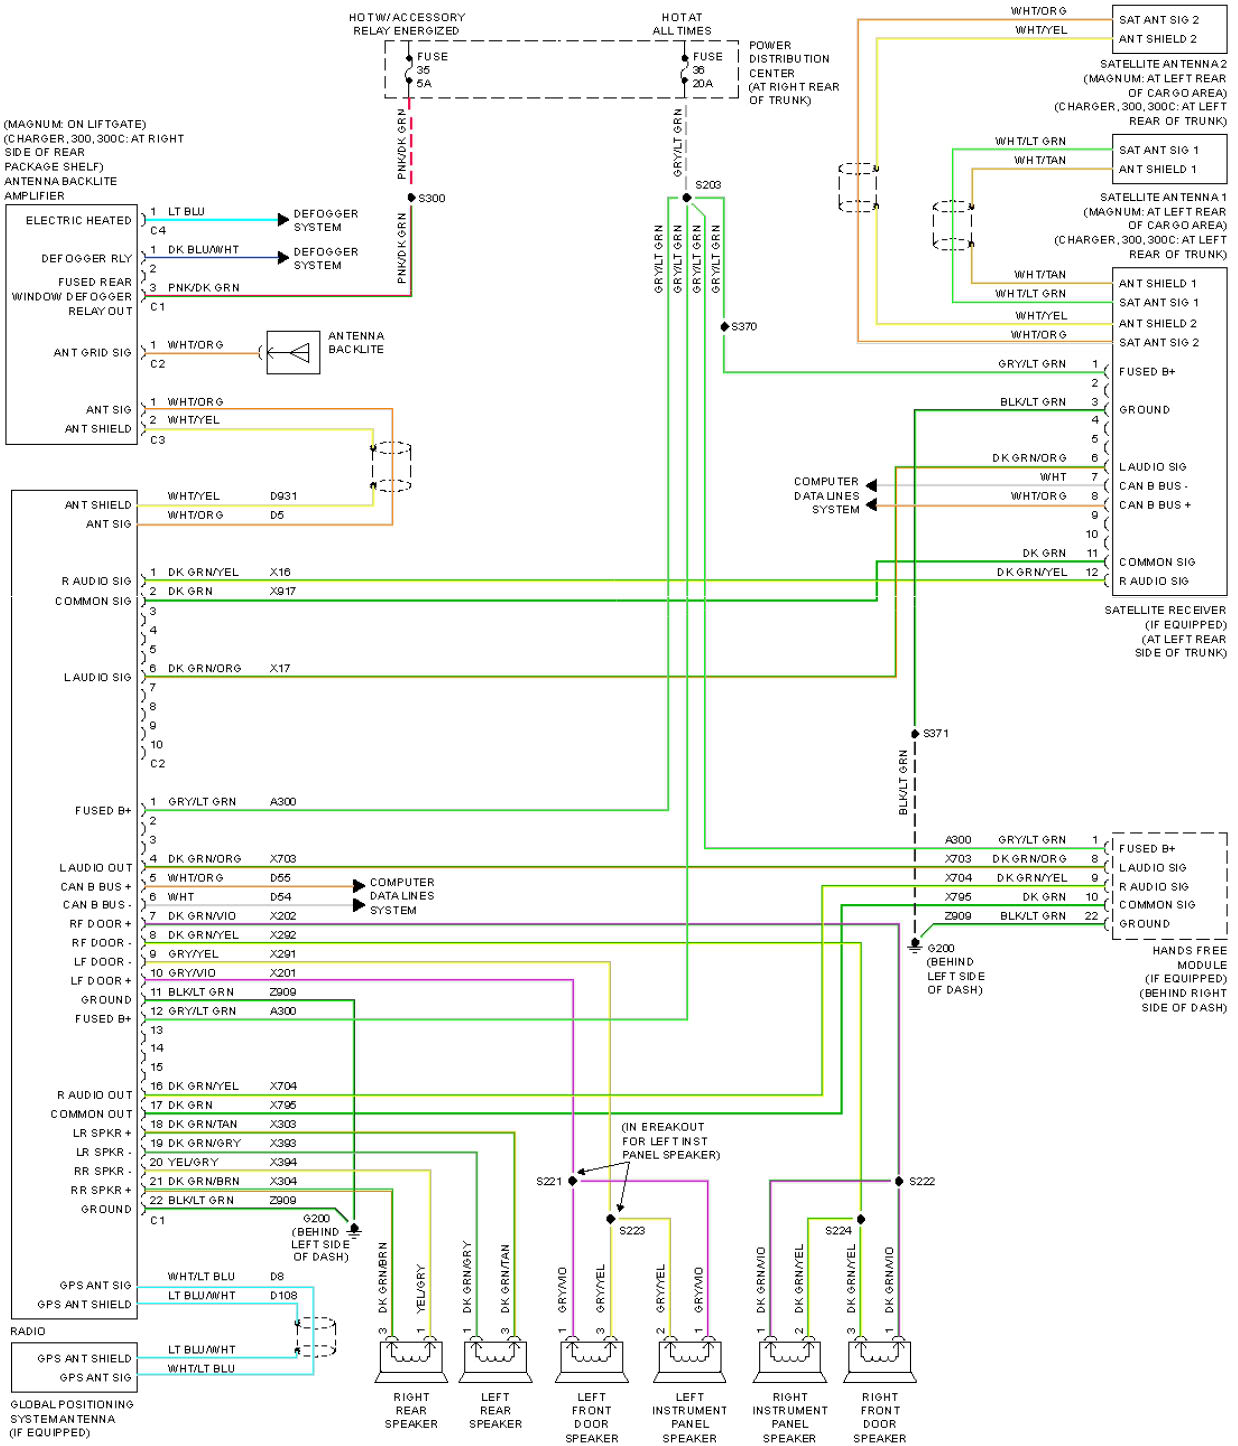 wiring diagram 2007 dodge grand caravan wiring wiring diagrams wiring diagram 2007 dodge grand caravan wiring wiring diagrams online